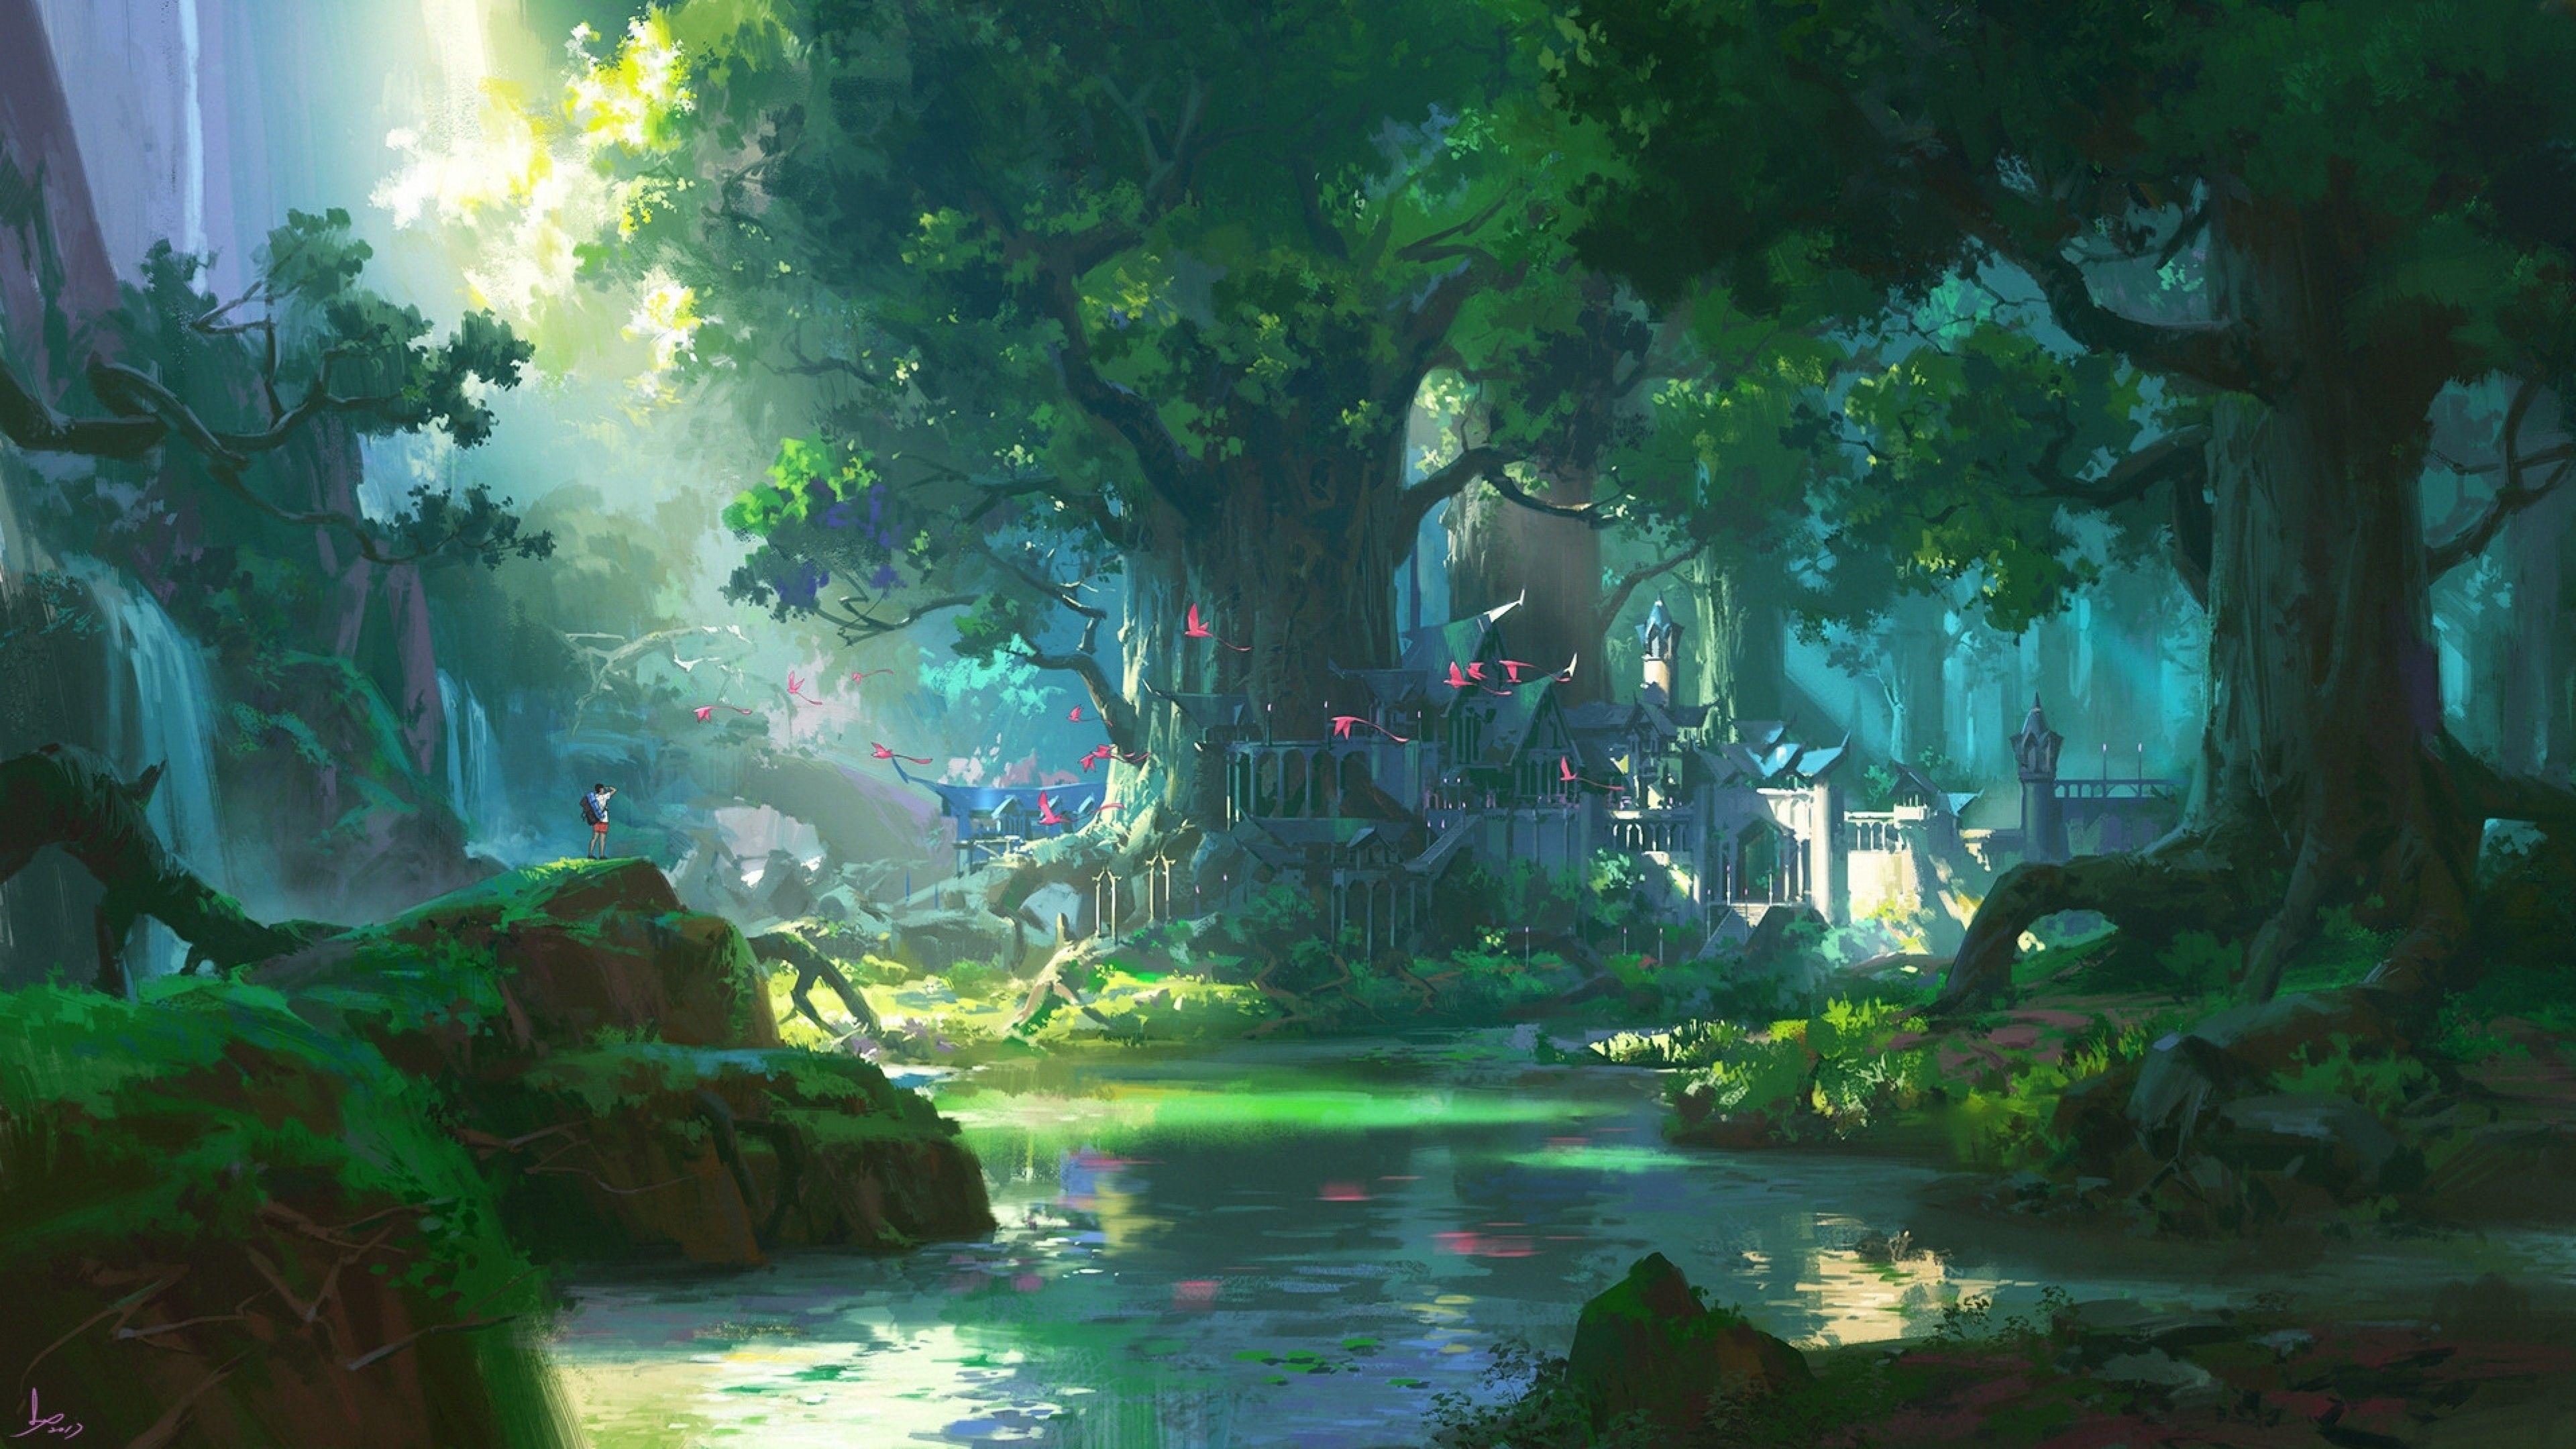 Anime Forest Scenery Wallpaper Hdwallpaper Wallpaper Image Digital Art Fantasy Scenery Wallpaper Anime Scenery Wallpaper